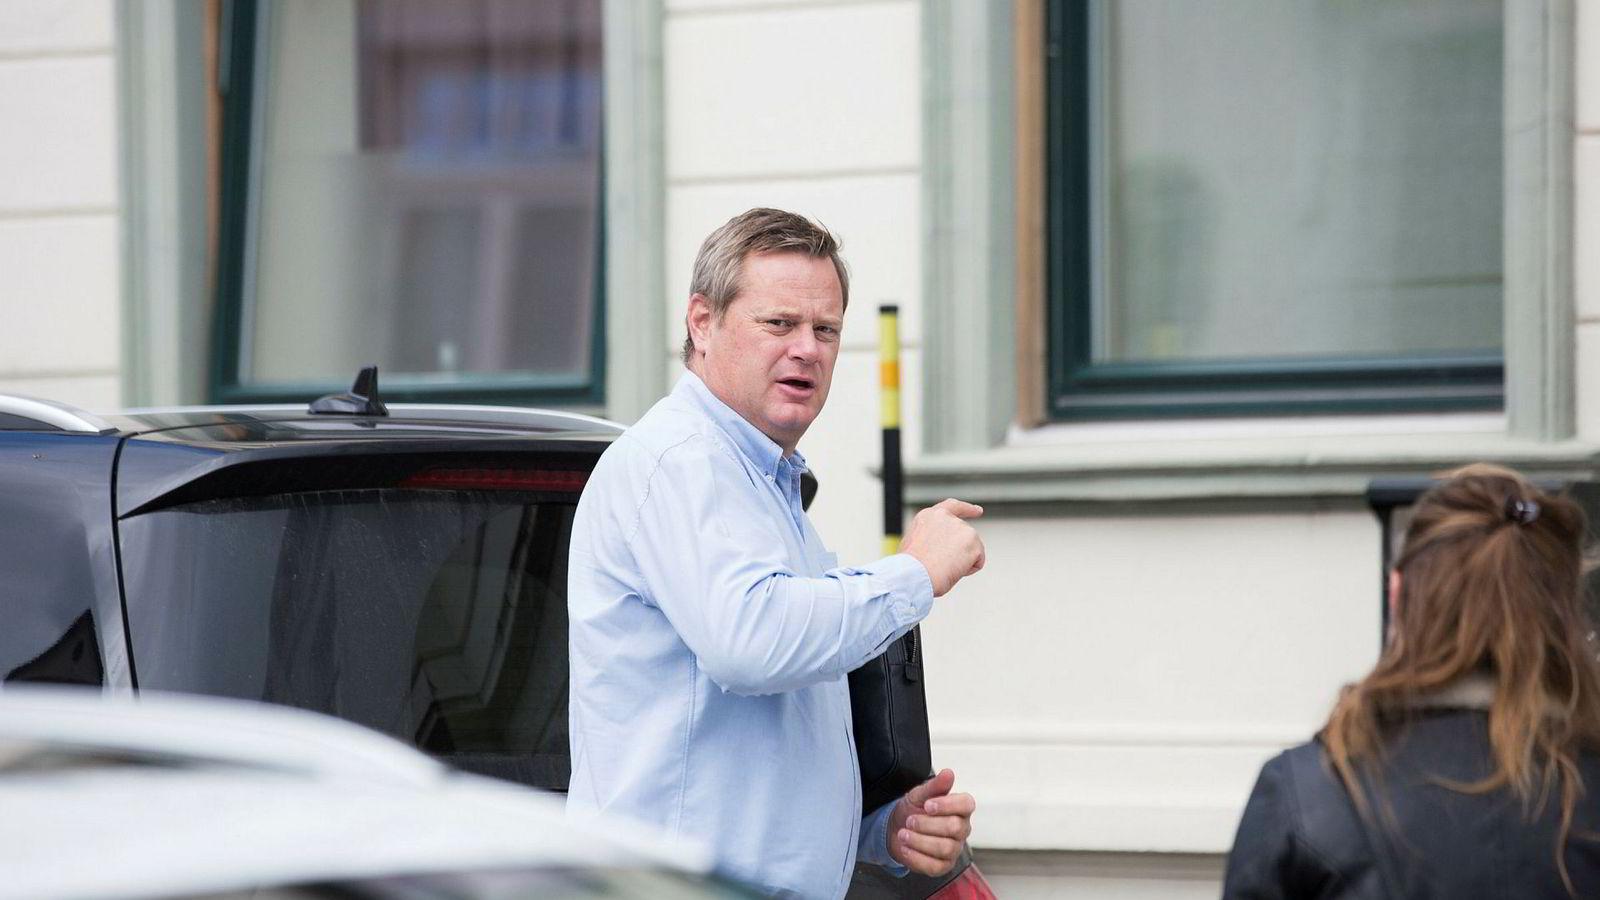 I sum mener Finanstilsynet at børsen har hatt sviktende rutiner både for risikovurdering, risikostyring for en aktør som Einar Aas, som personlig var en av de største investorene på råvarebørsen.